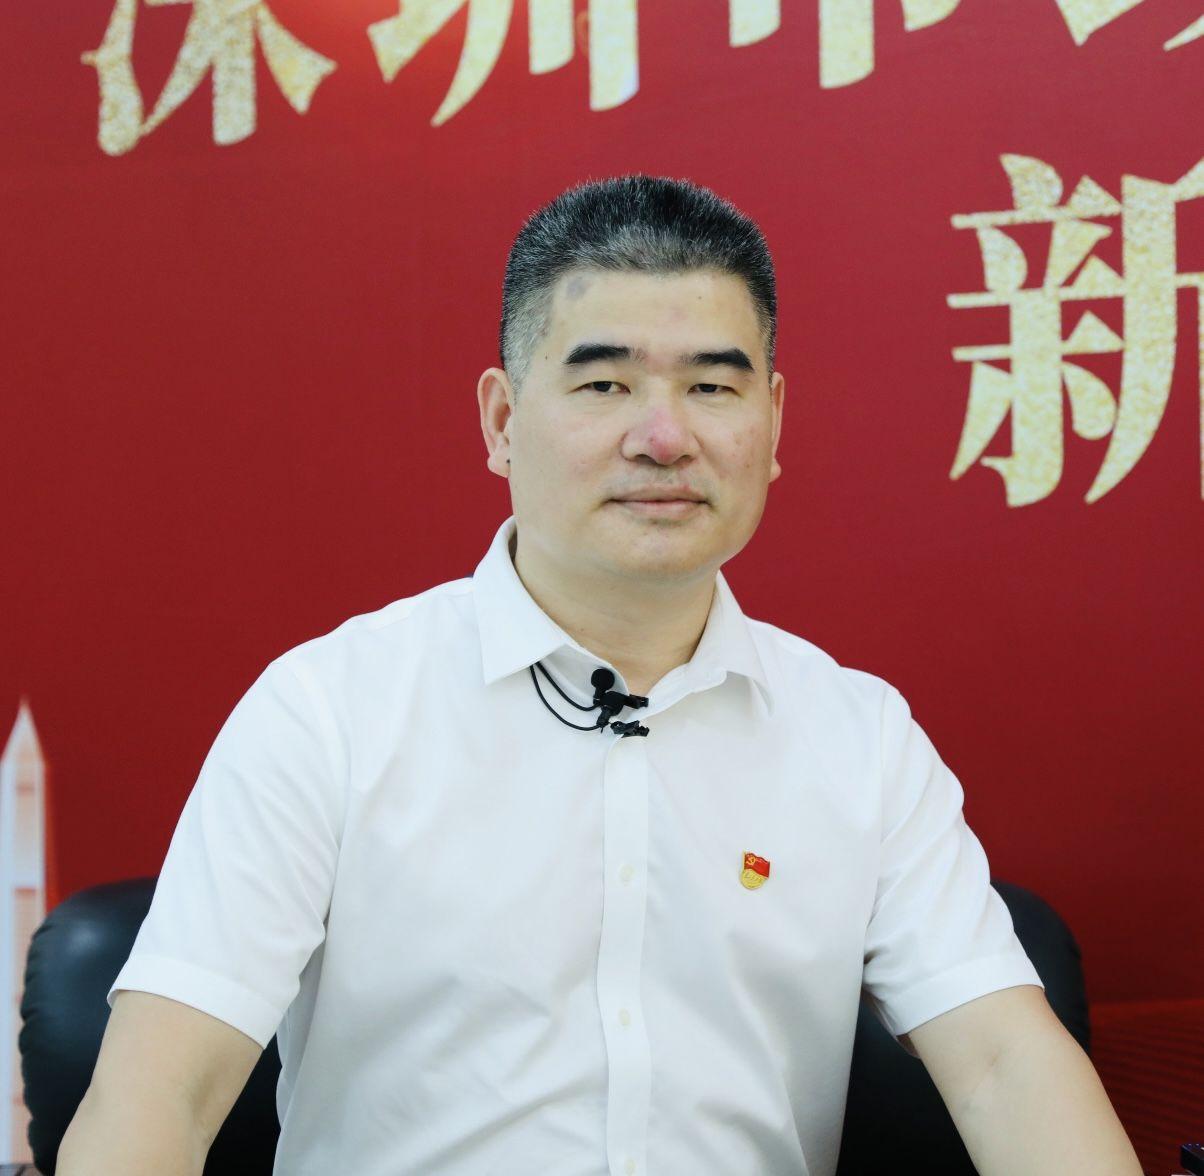 深圳热播网络科技有限公司董事长朱桂彩:一心向党打造红色新媒体